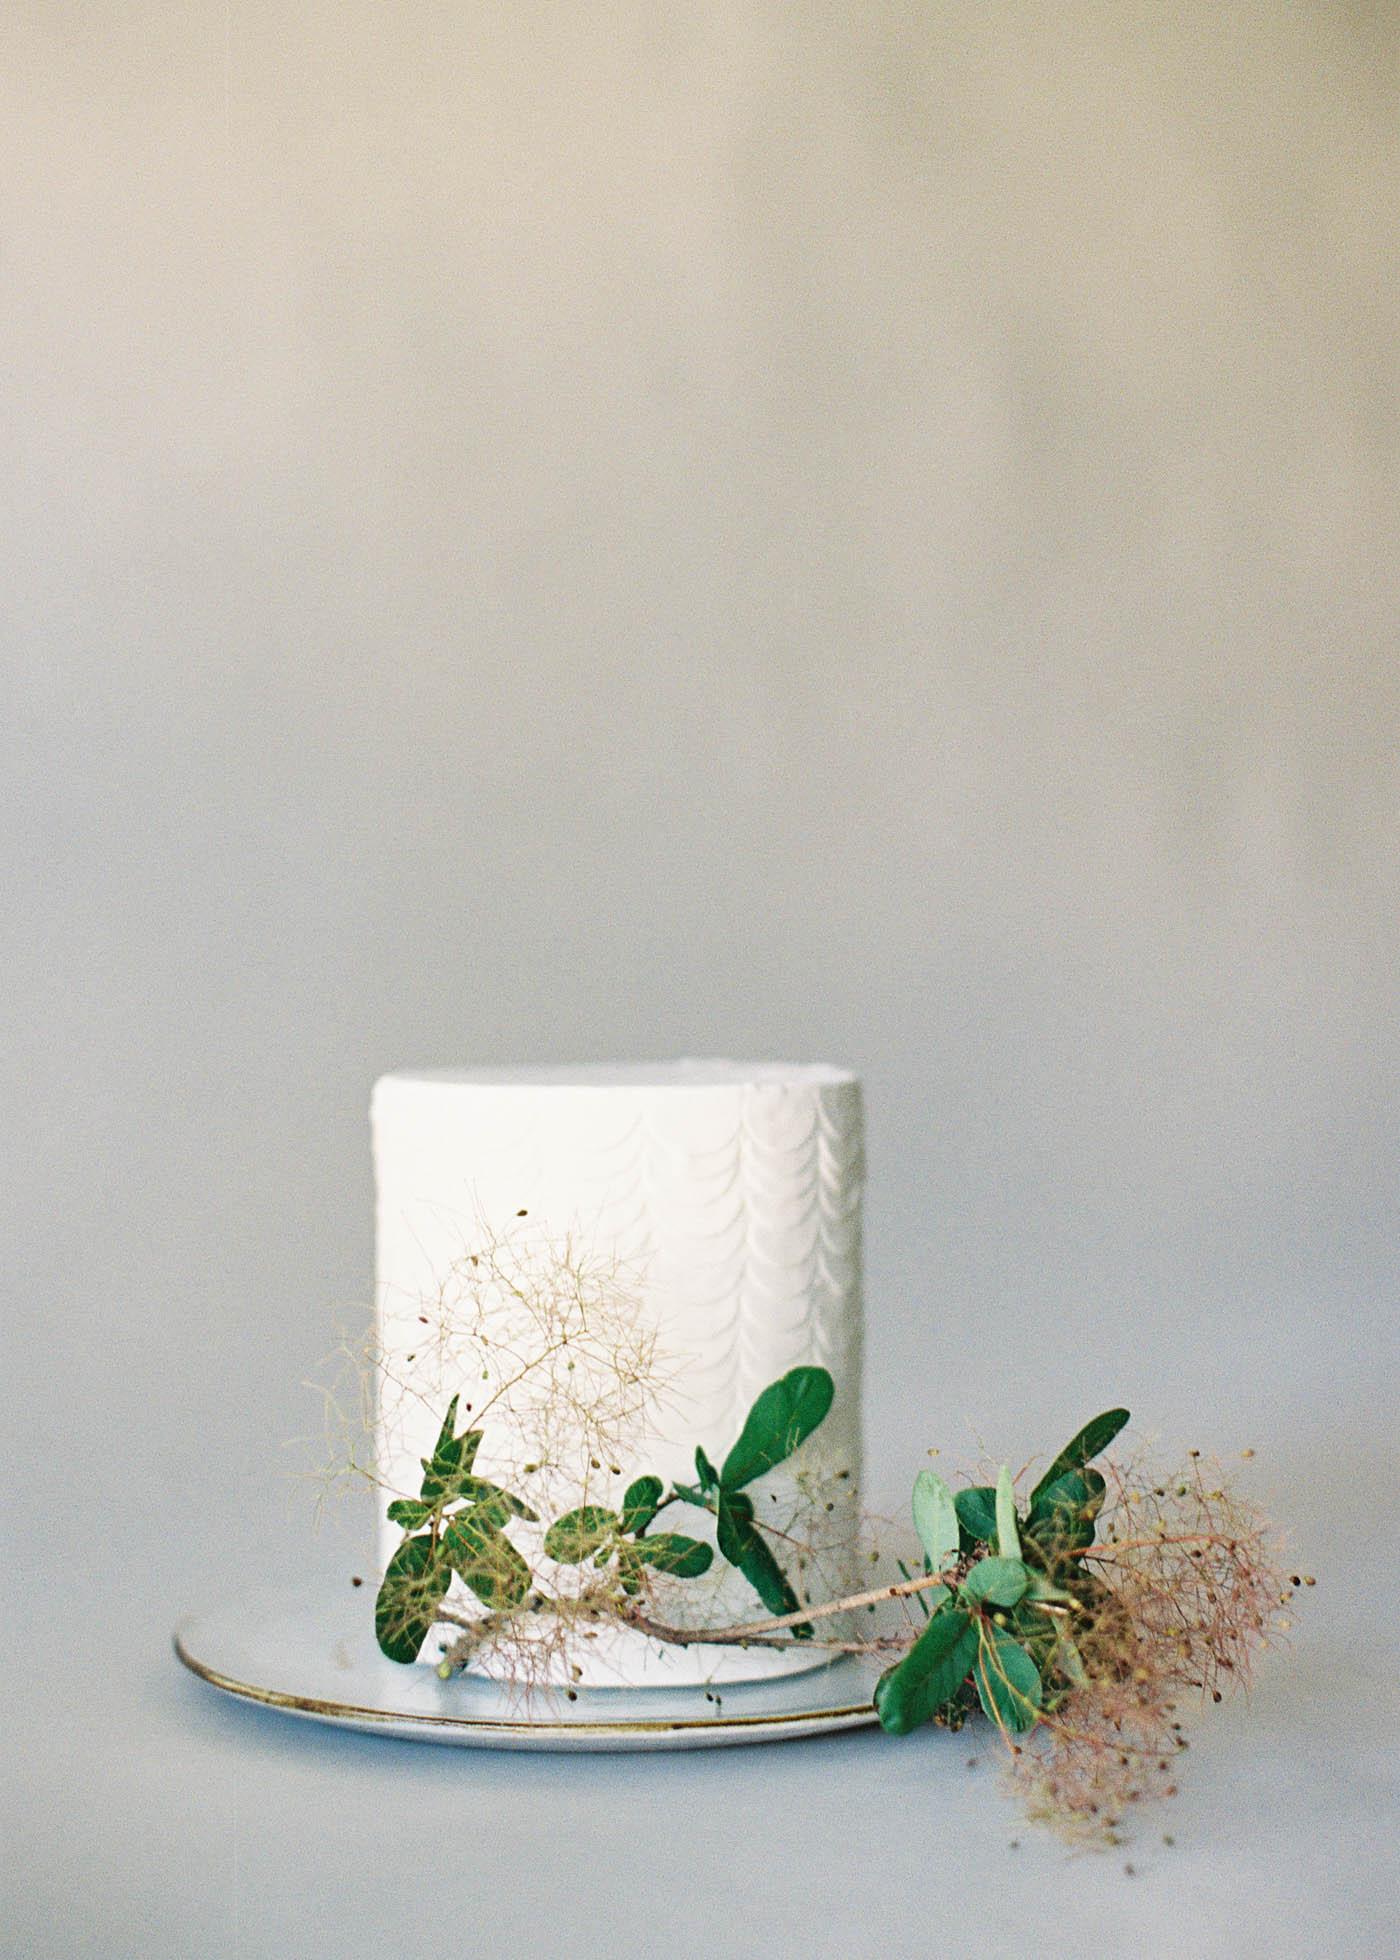 Cake-Favorites-22-Jen_Huang-000486-R1-069-33.jpg